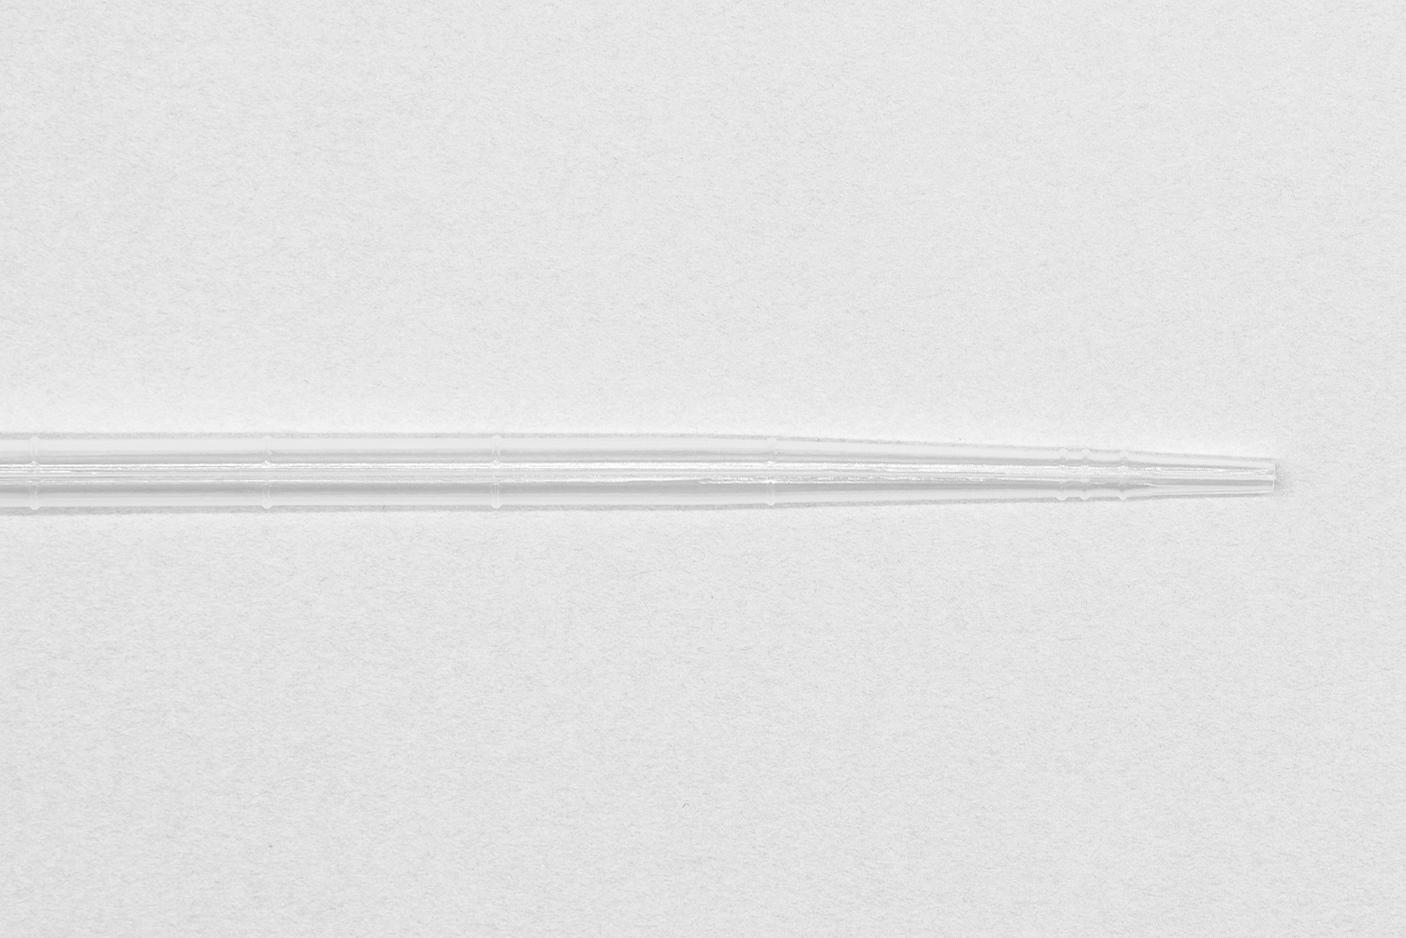 微生物検査 尿検査 沈渣 スポイト 1cc プラスチック 先端